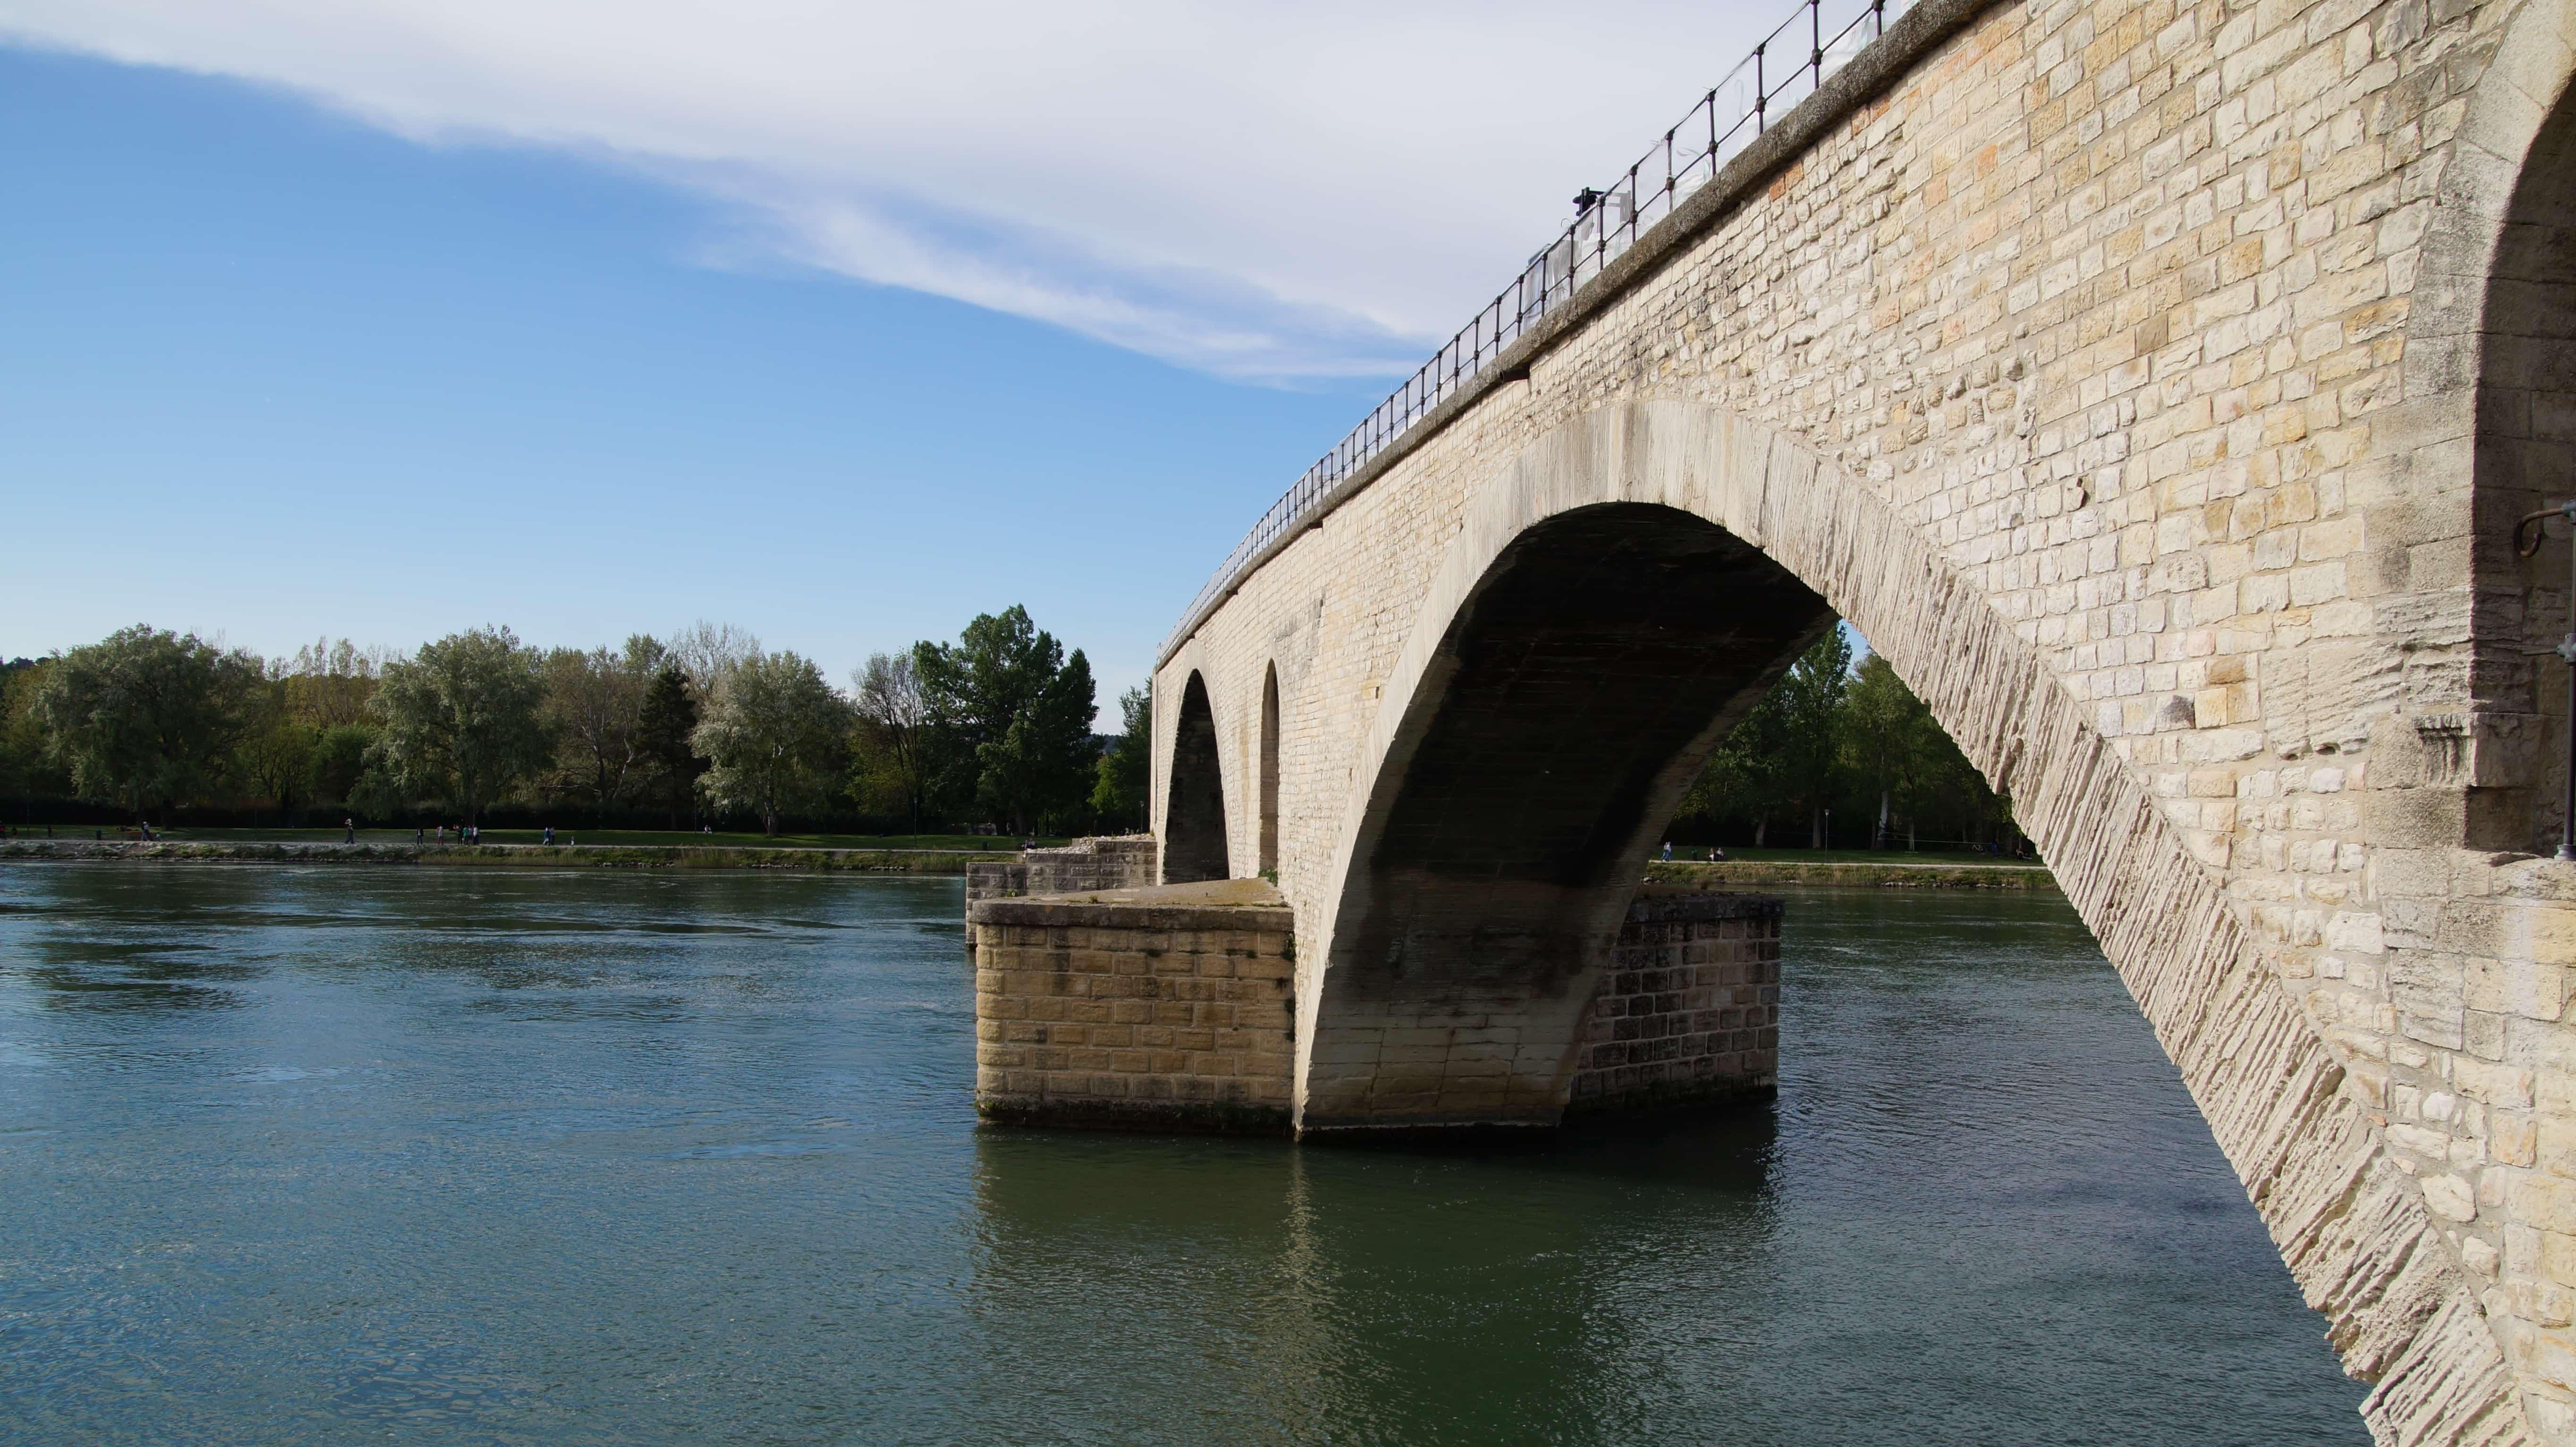 Brücke in Avignon in Frankreich